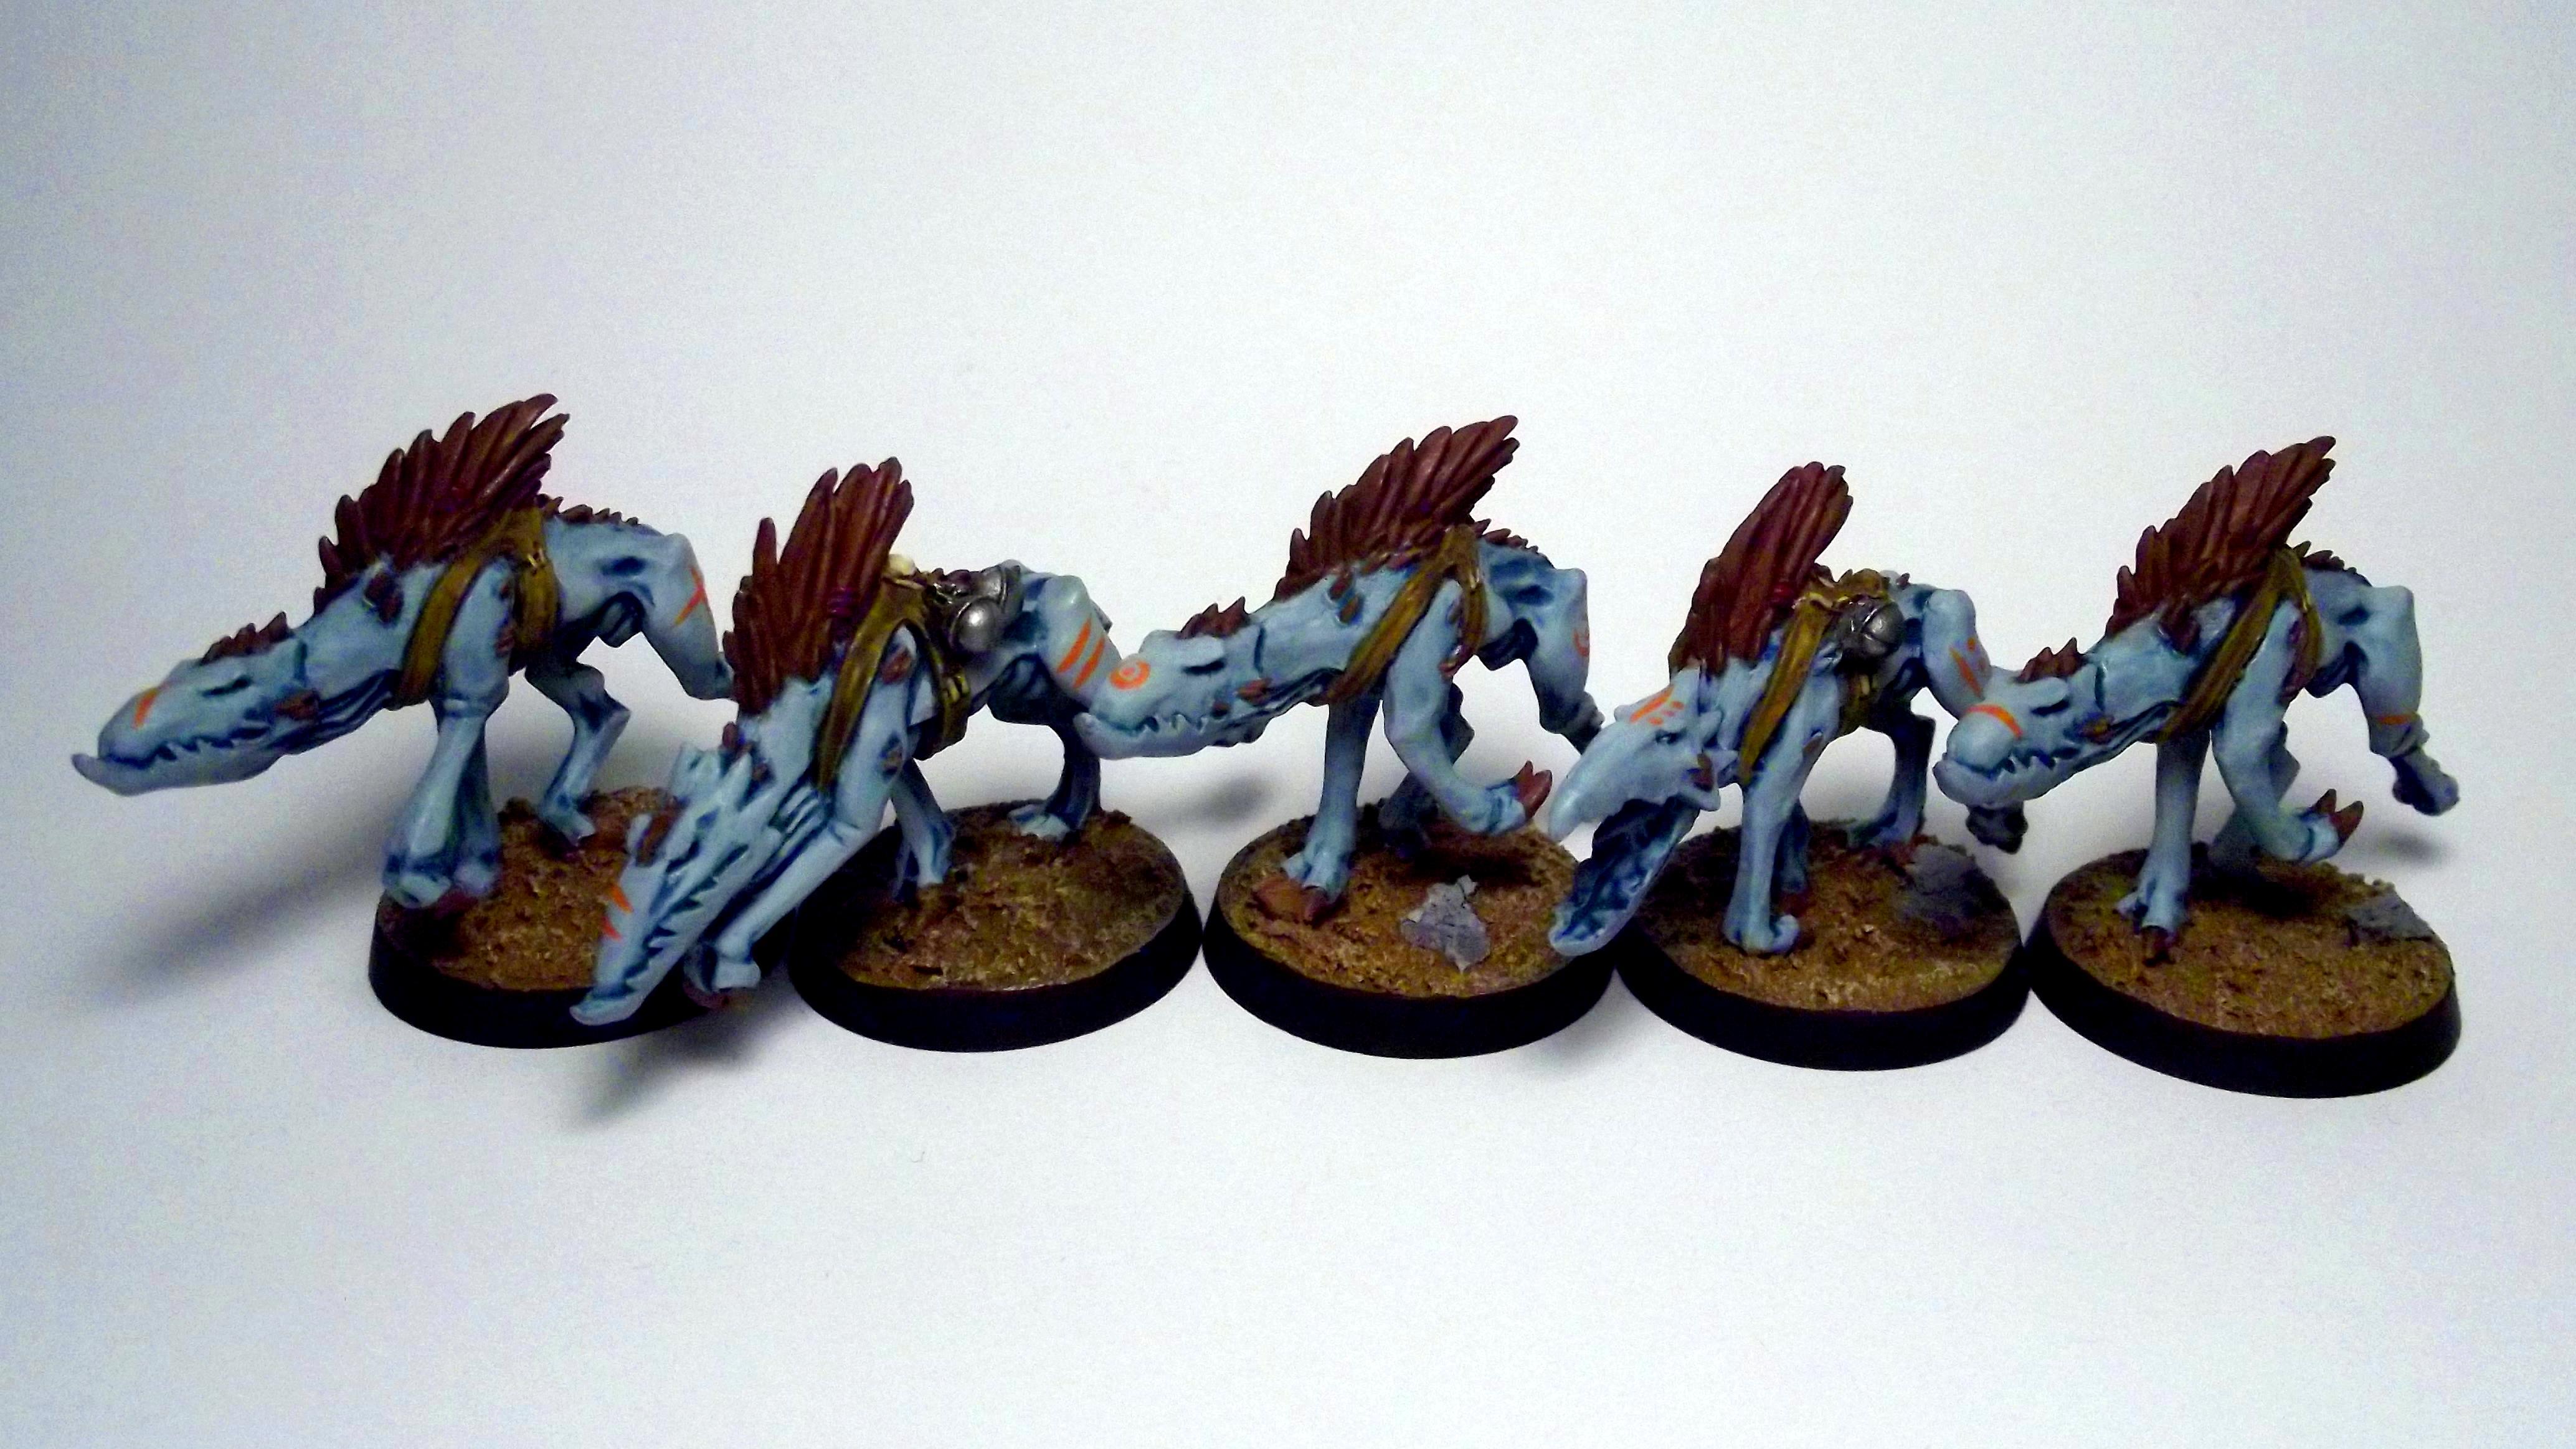 Blue, Hound, Kroot, Kroot Hounds Batch 1